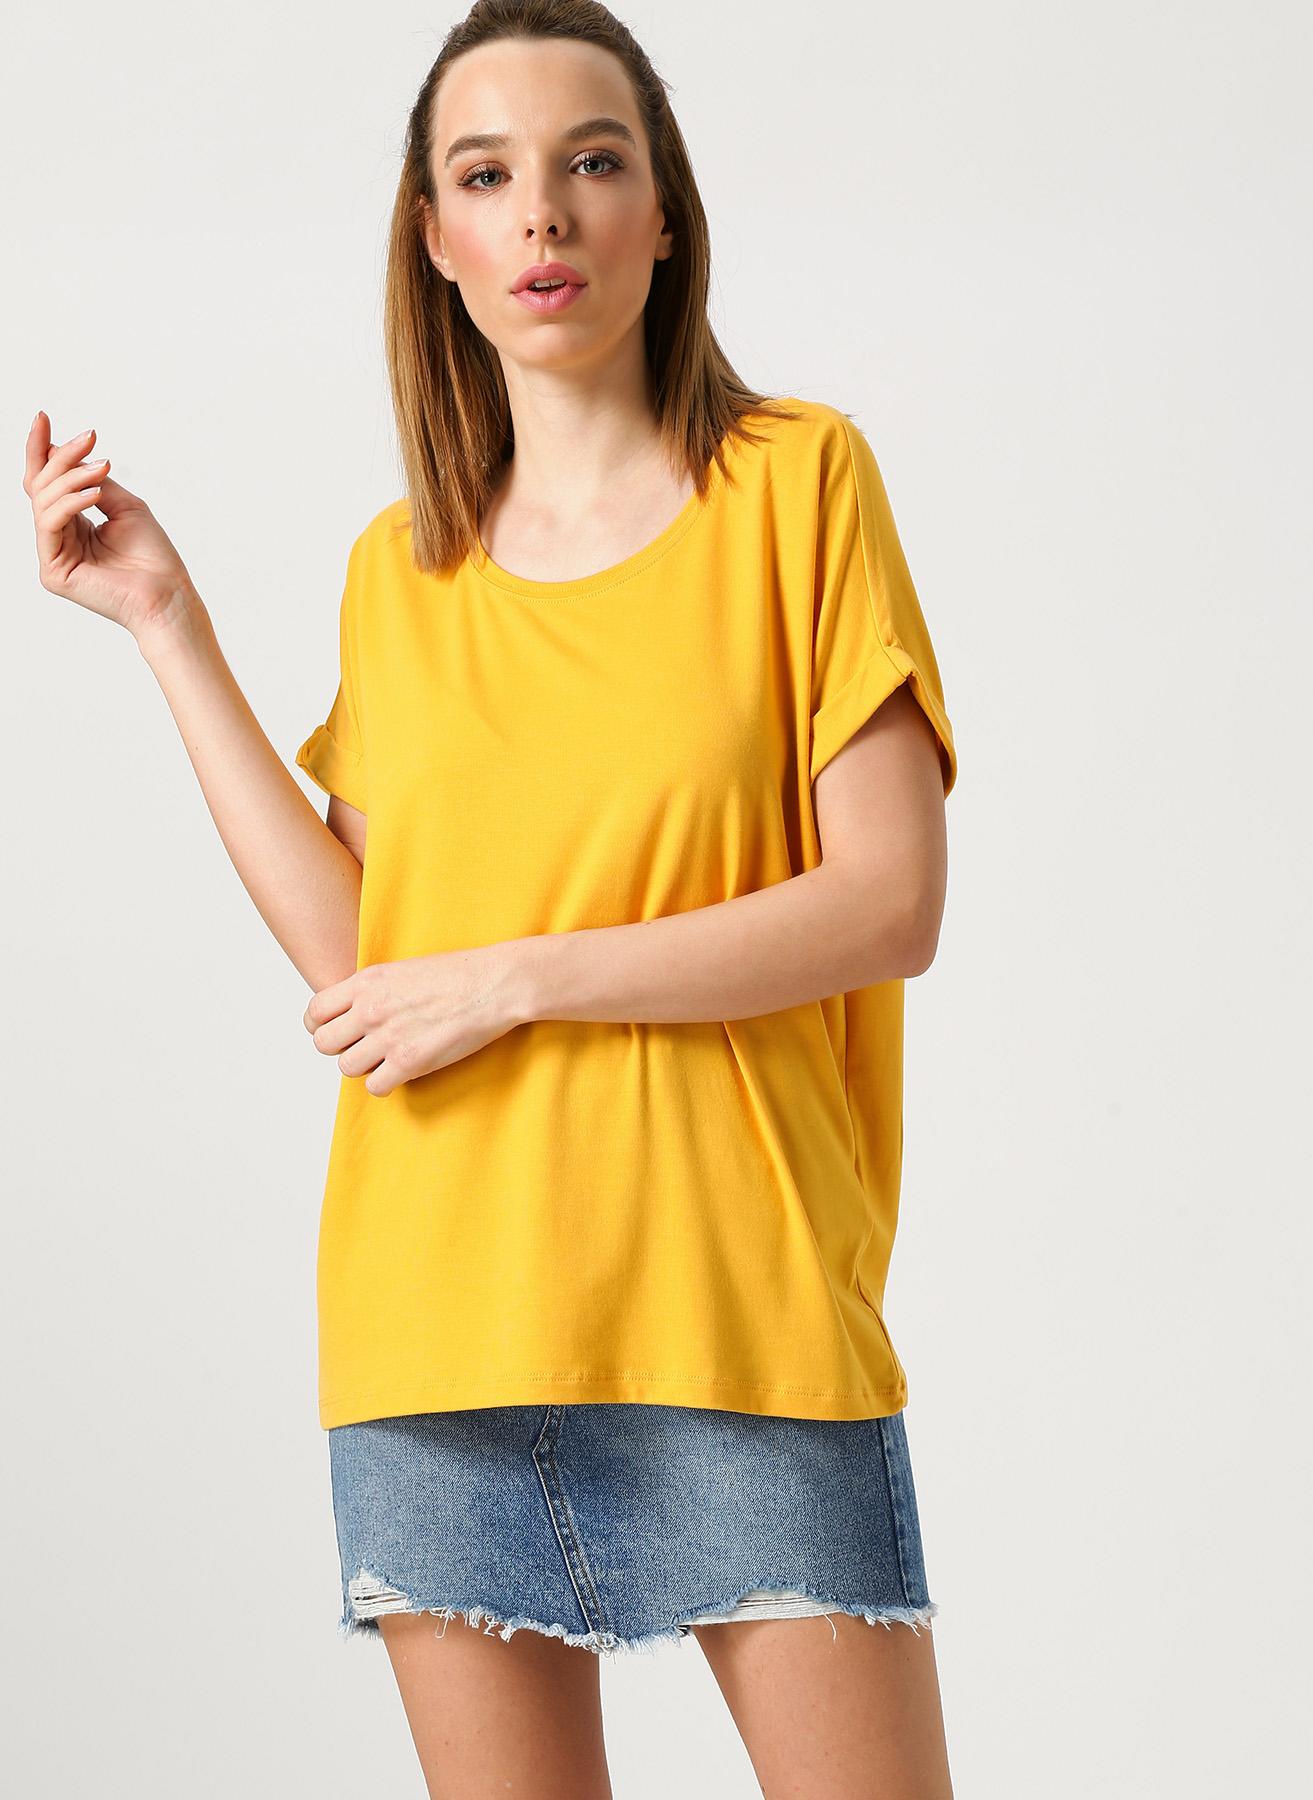 Only T-Shirt XS 5002367442005 Ürün Resmi